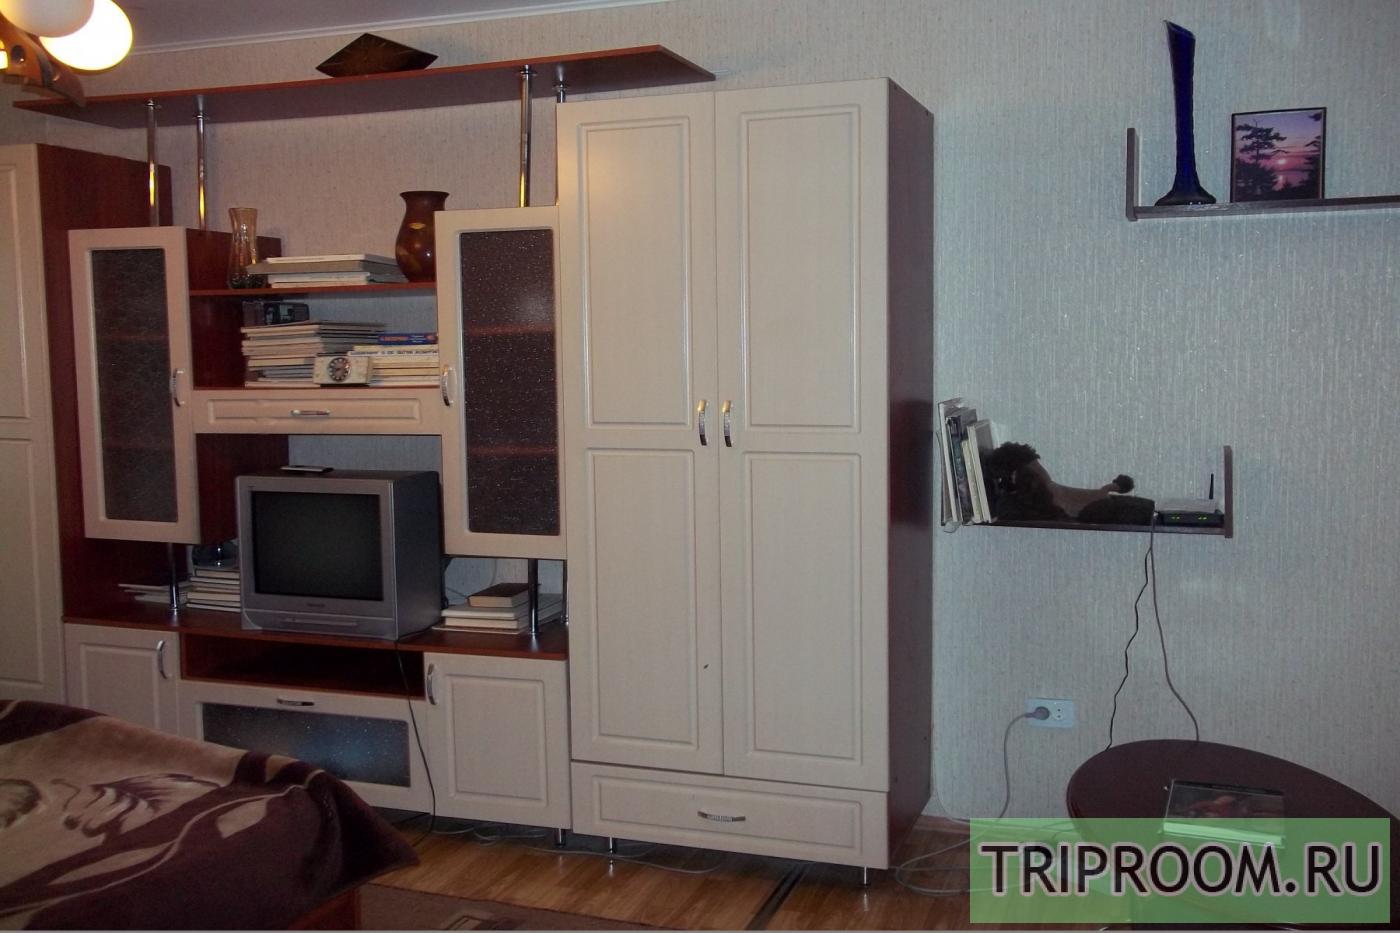 2-комнатная квартира посуточно (вариант № 19190), ул. Степана Разина улица, фото № 2